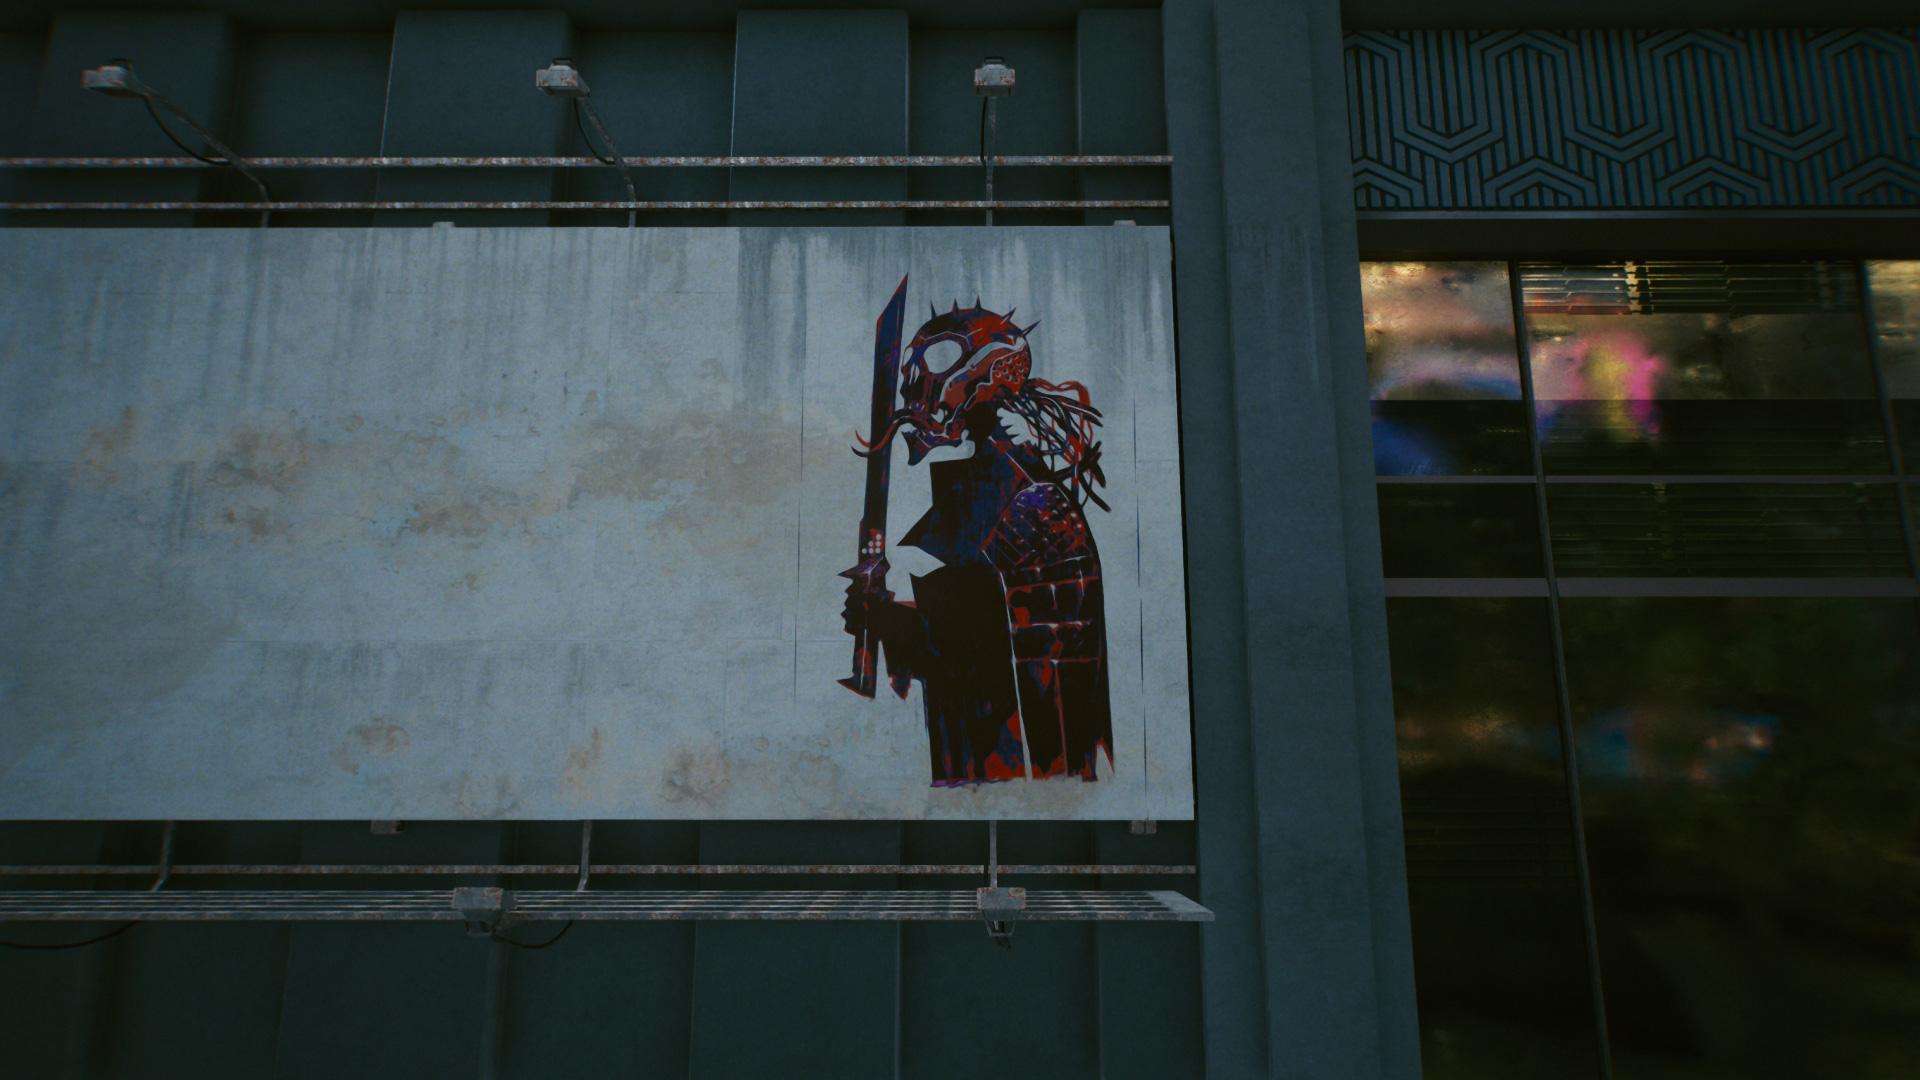 Tous les emplacements de murales de graffitis de cartes de tarot dans Cyberpunk 2077